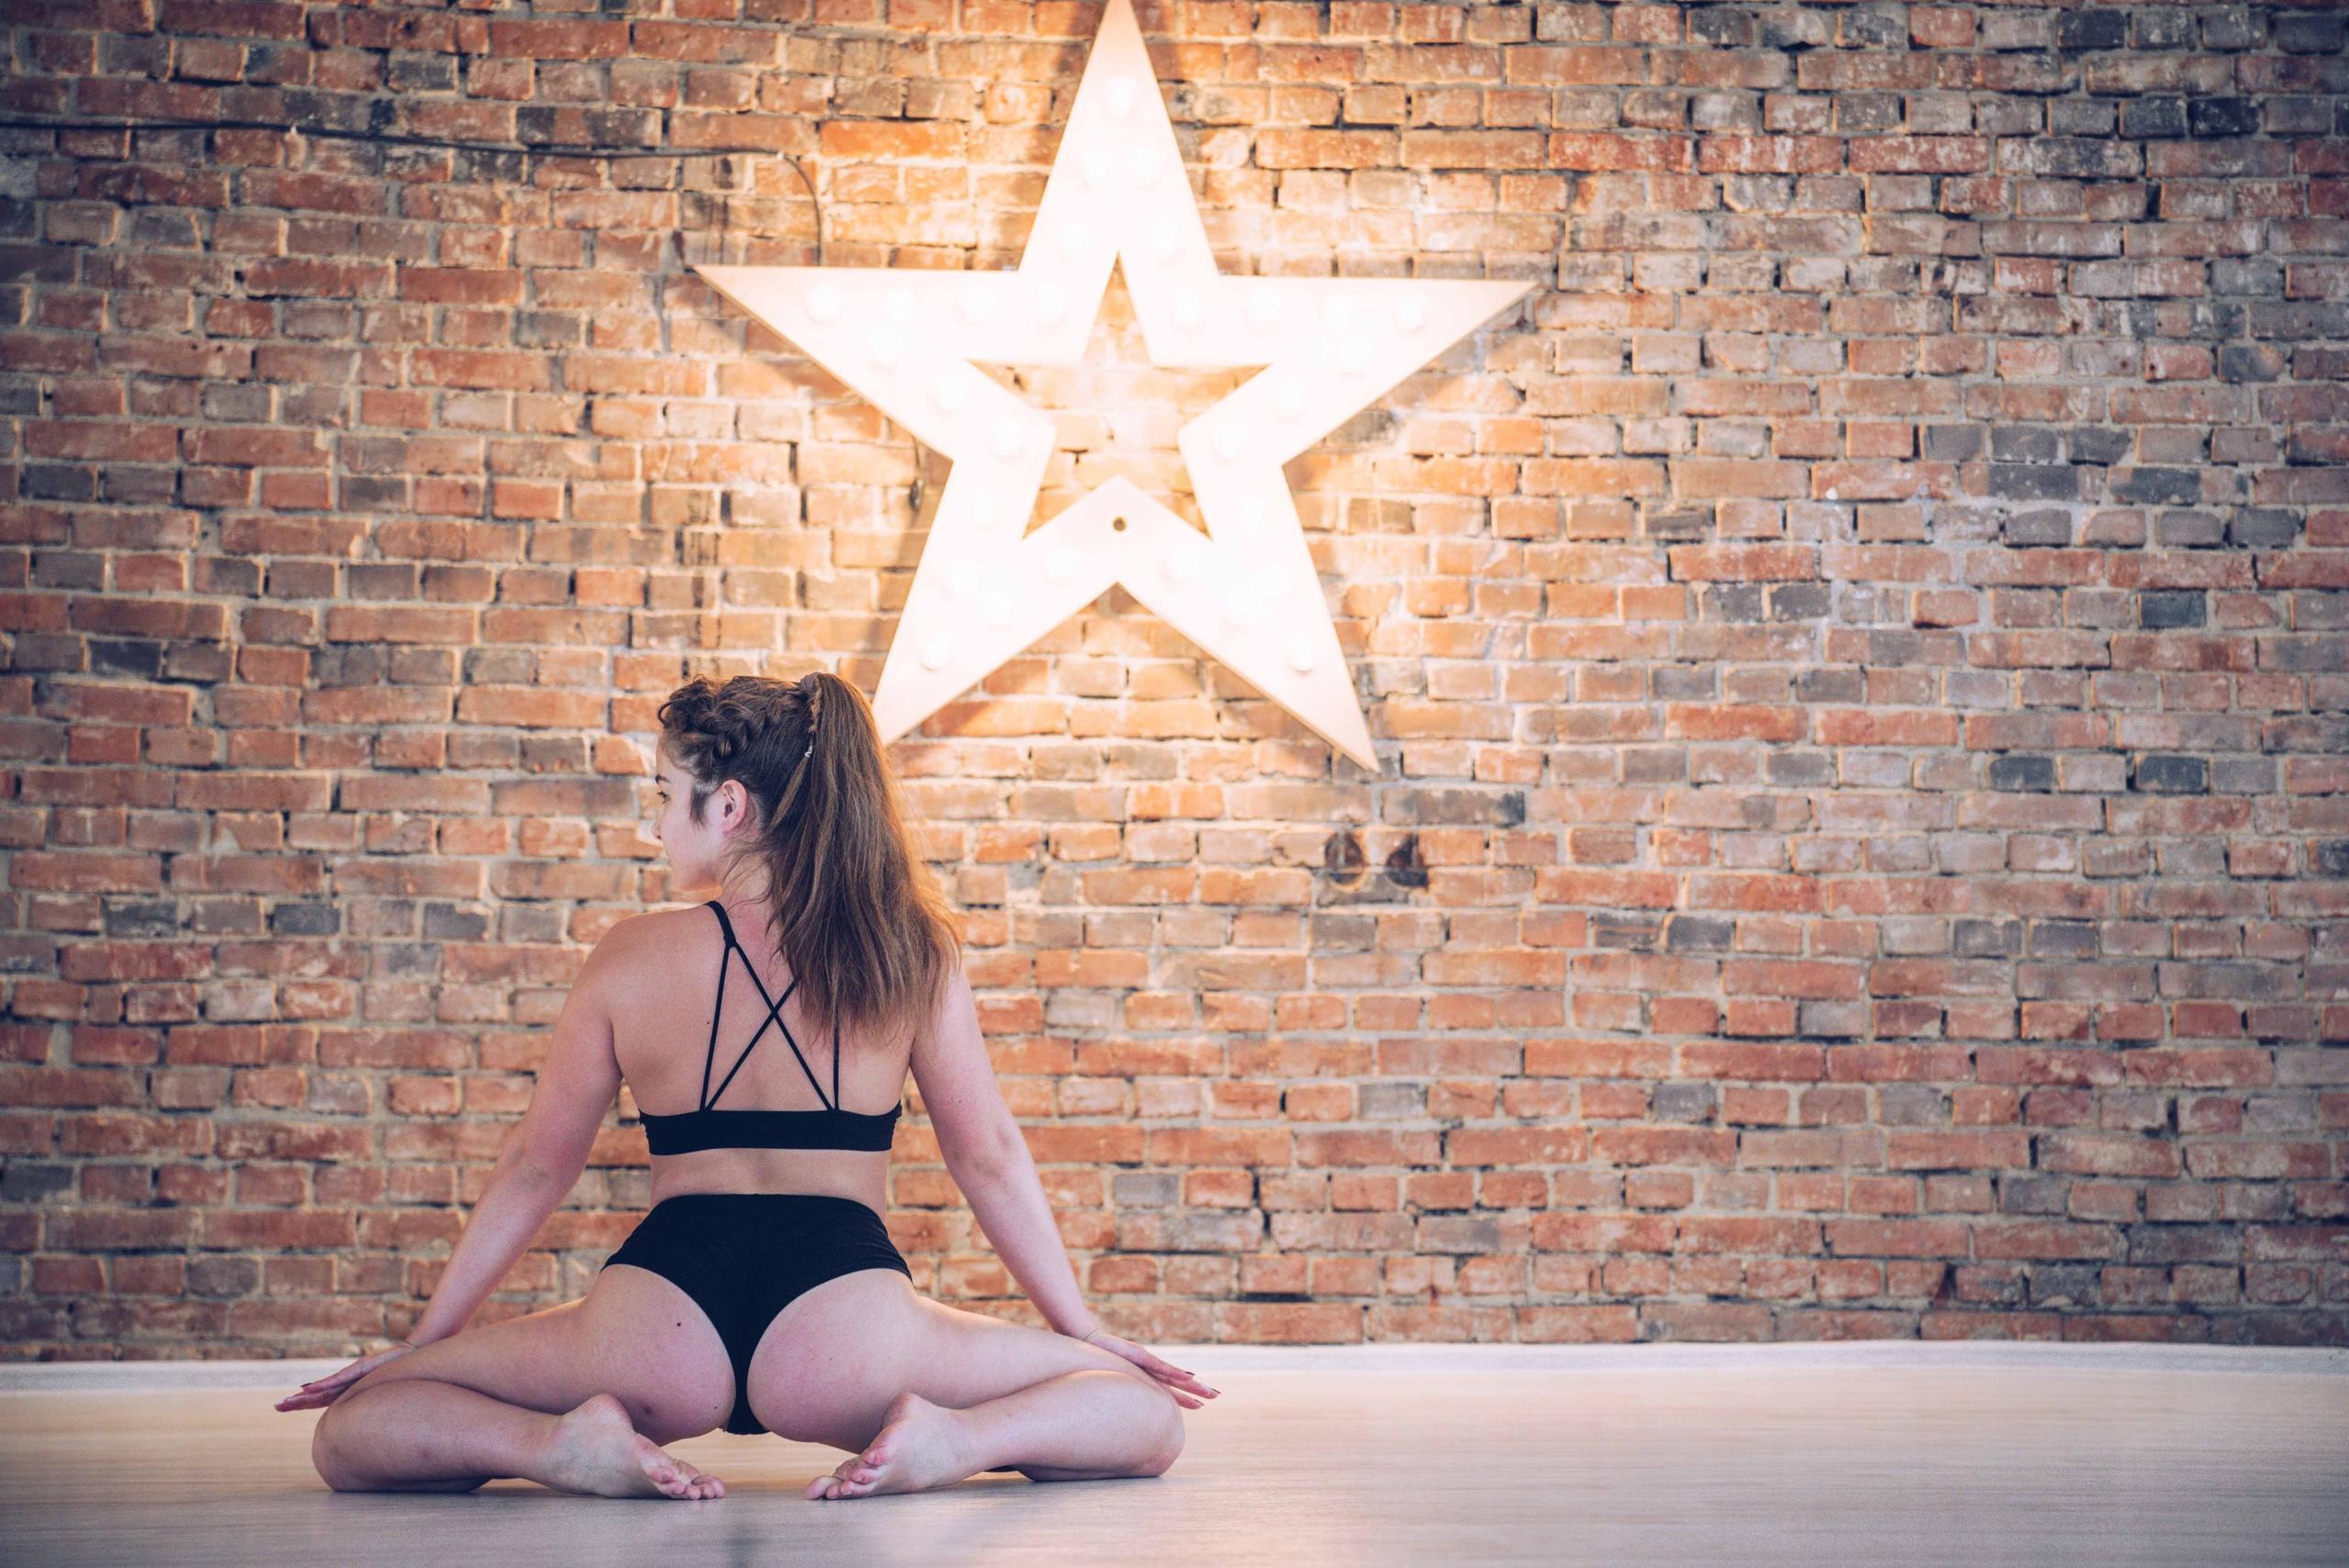 Как научиться танцевать тверк и освоить другие новые виды фитнеса - афиша daily